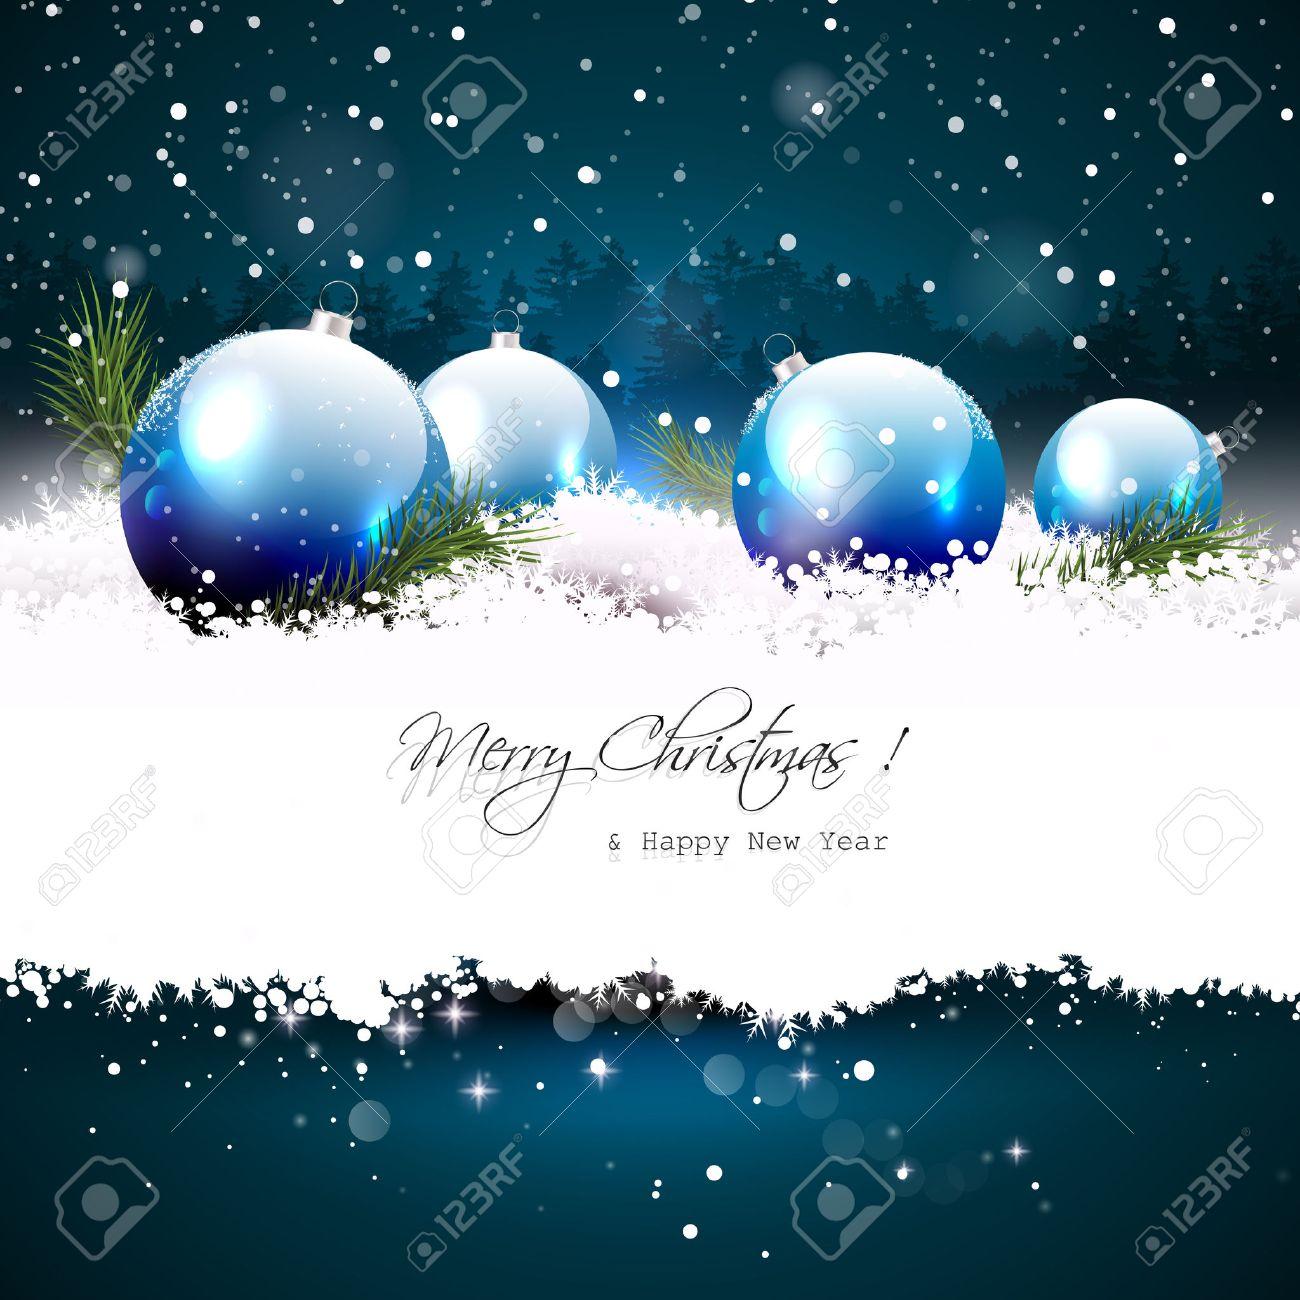 carte de voeux de noel Carte De Voeux De Noël Avec Des Boules Et Des Branches Dans La